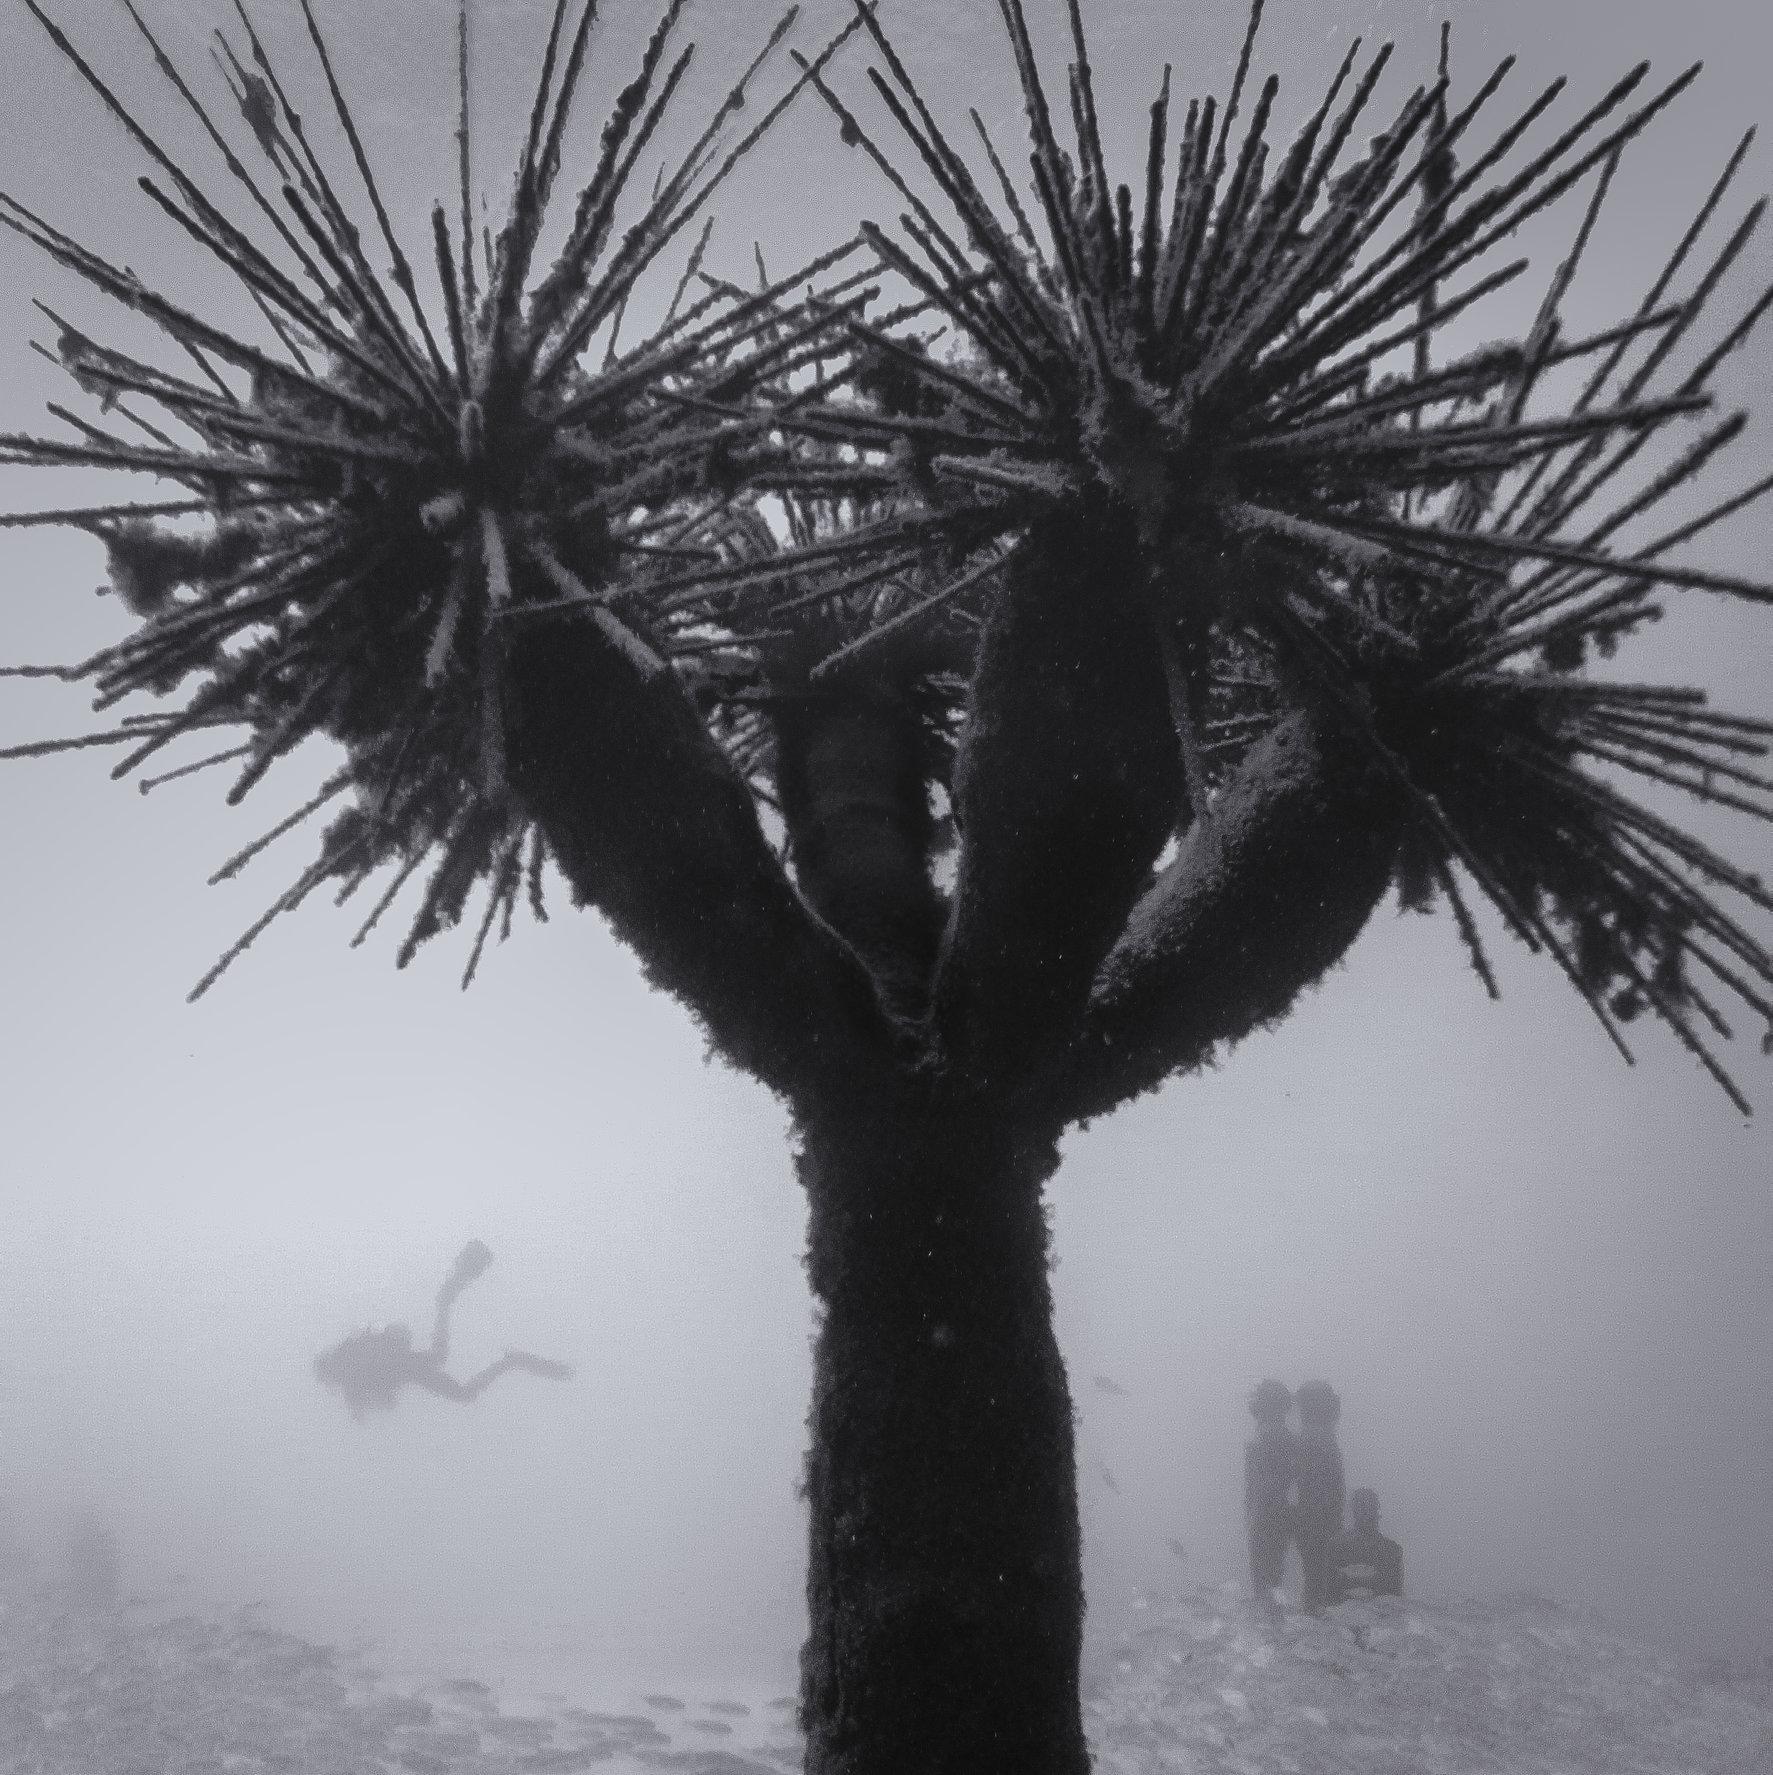 Underwater Palm Tree